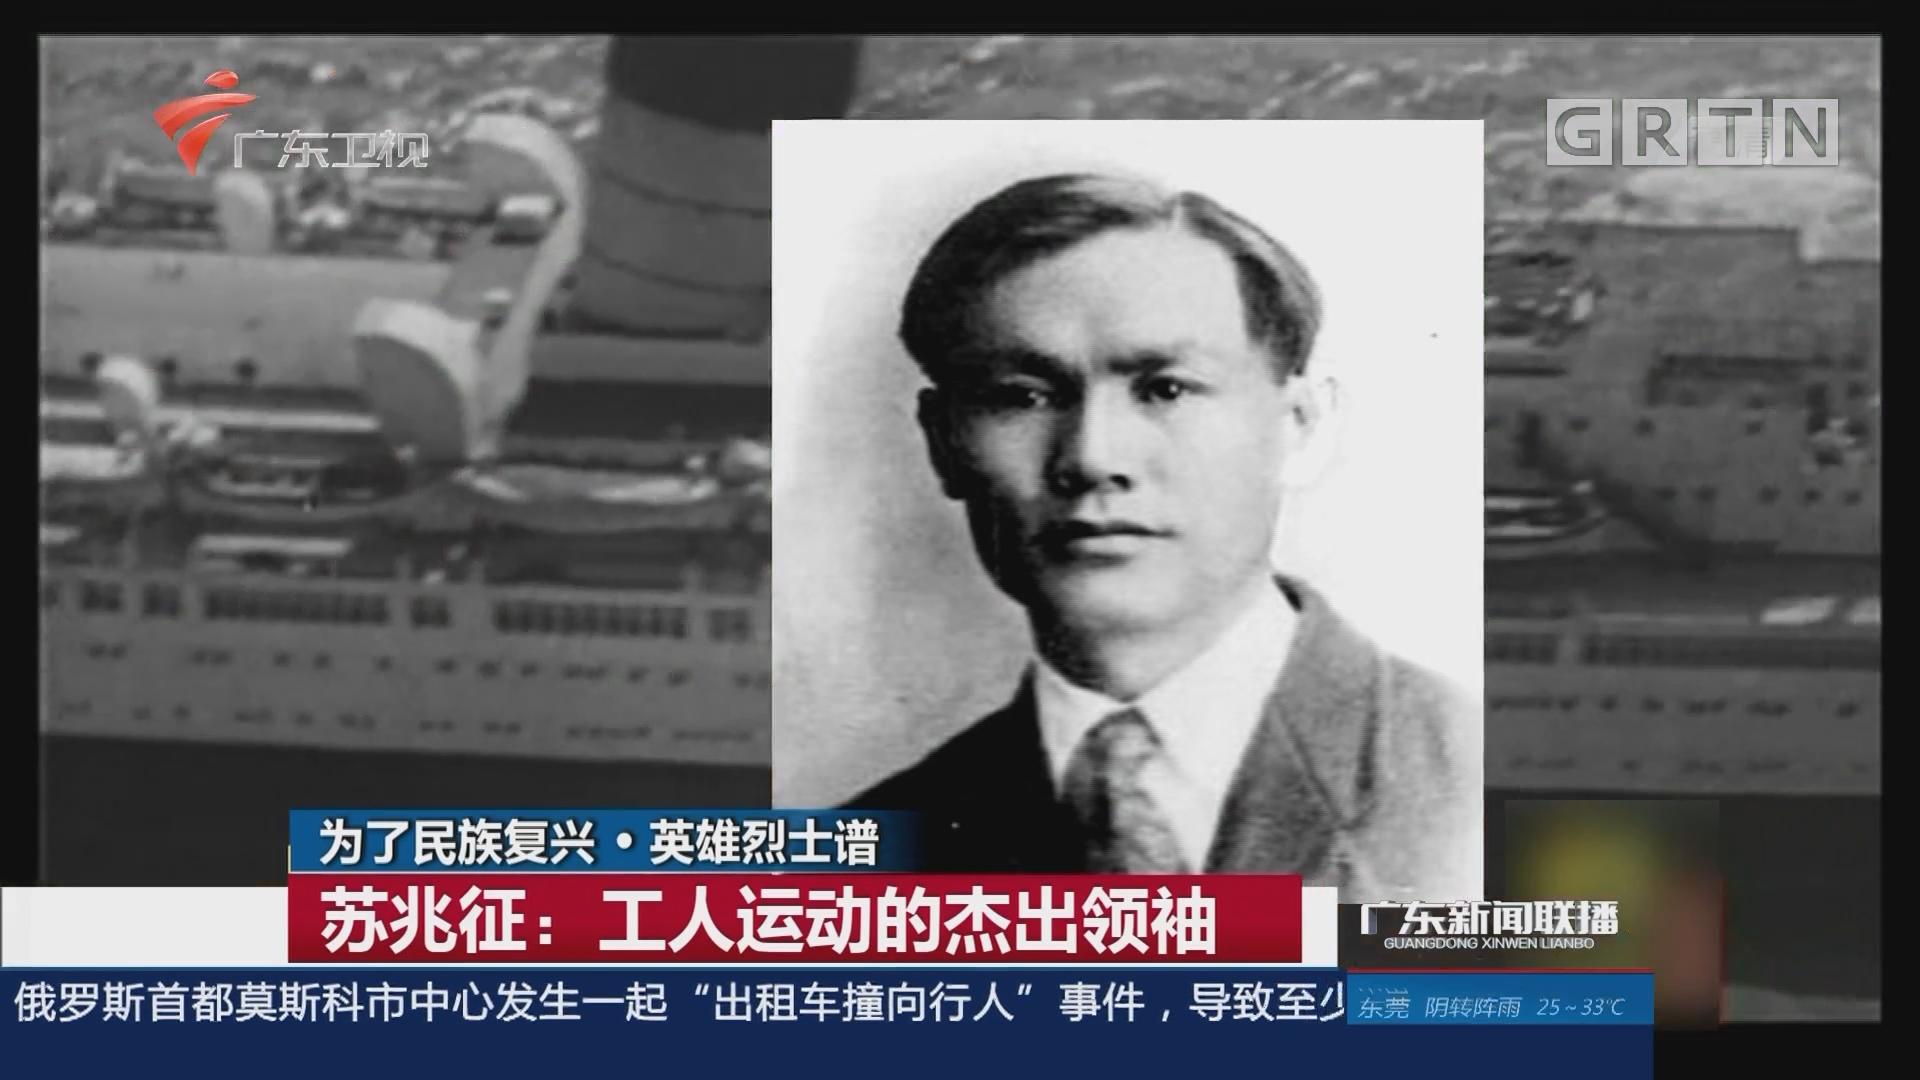 苏兆征:工人运动的杰出领袖